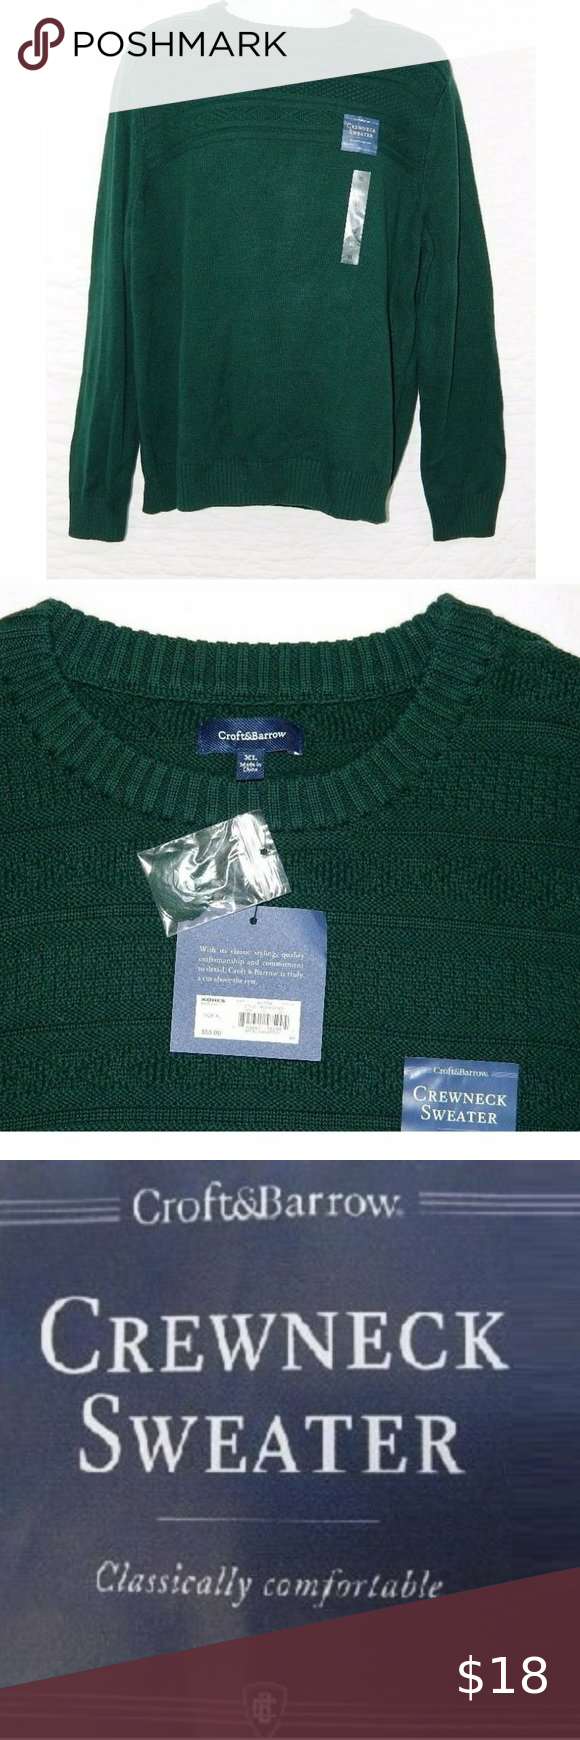 New Men S Croft Barrow Crew Neck Sweater Crew Neck Sweater Long Sleeve Tshirt Men Crew Neck [ 1740 x 580 Pixel ]